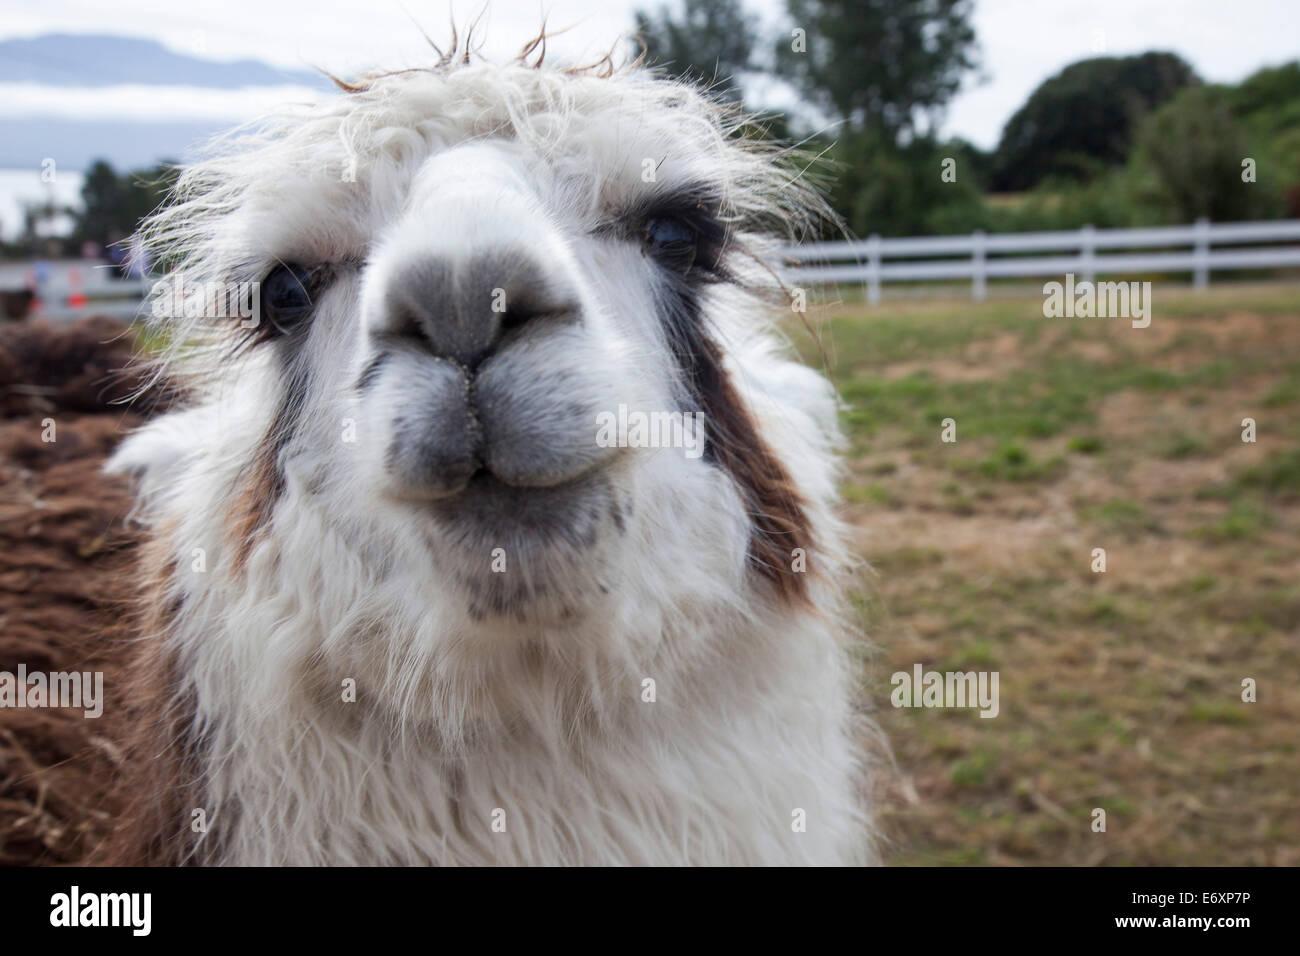 Wet-Look: Porträt von einem Lama mit nassem Fell, in der Nähe von Puerto Montt, Los Lagos, Patagonien, Stockbild